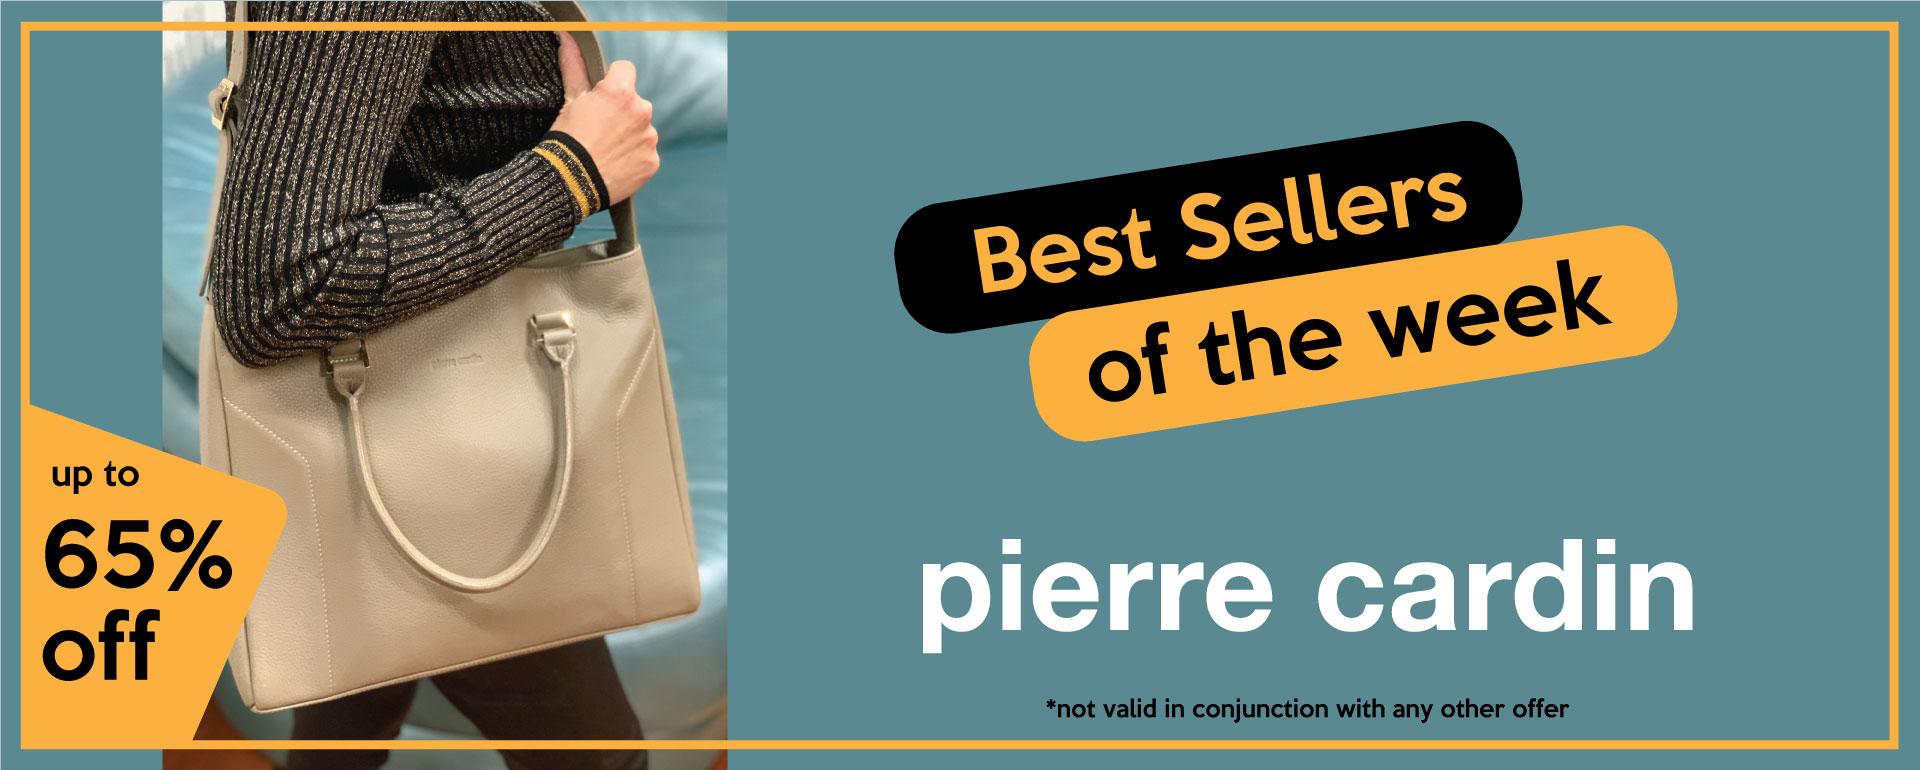 best-sellers-of-the-week-banner.jpg